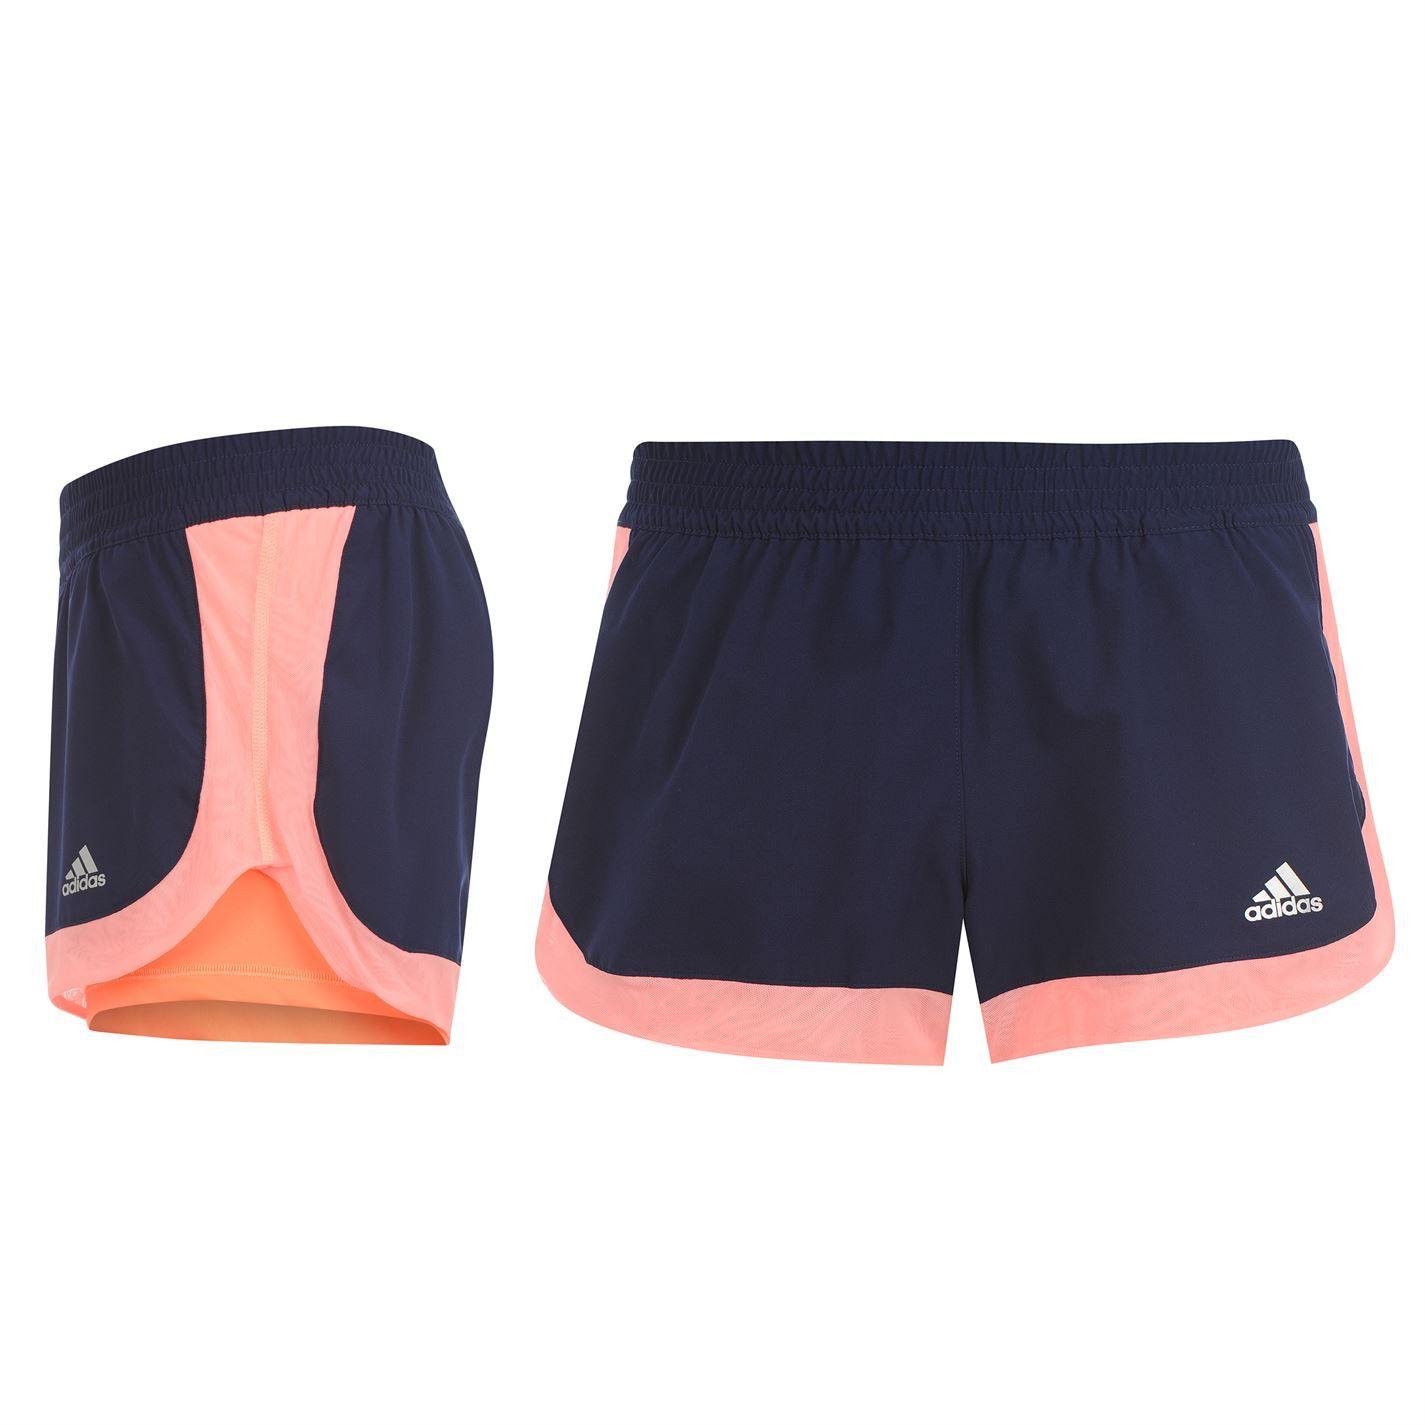 adidas | adidas 2in1 Short Ladies | Ladies Shorts